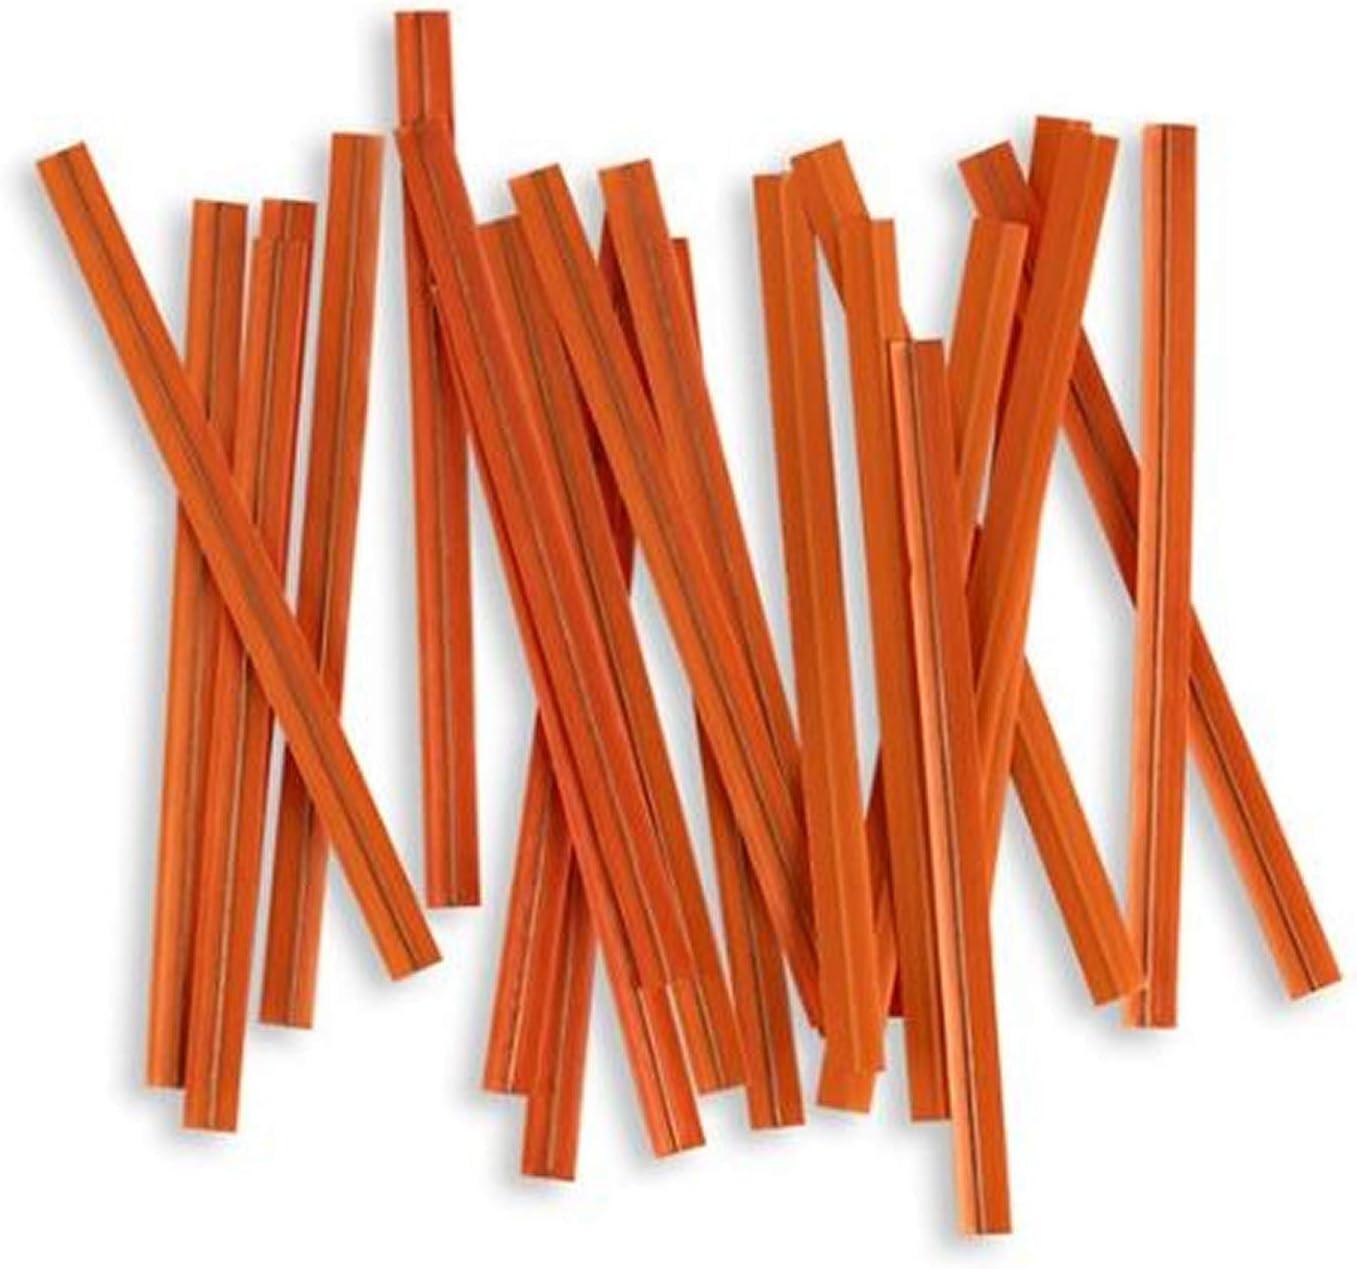 """100pcs Plastic/Paper Coated Orange 4"""" X 1/4"""" Twist Ties - Won't Rip or Pull Off"""